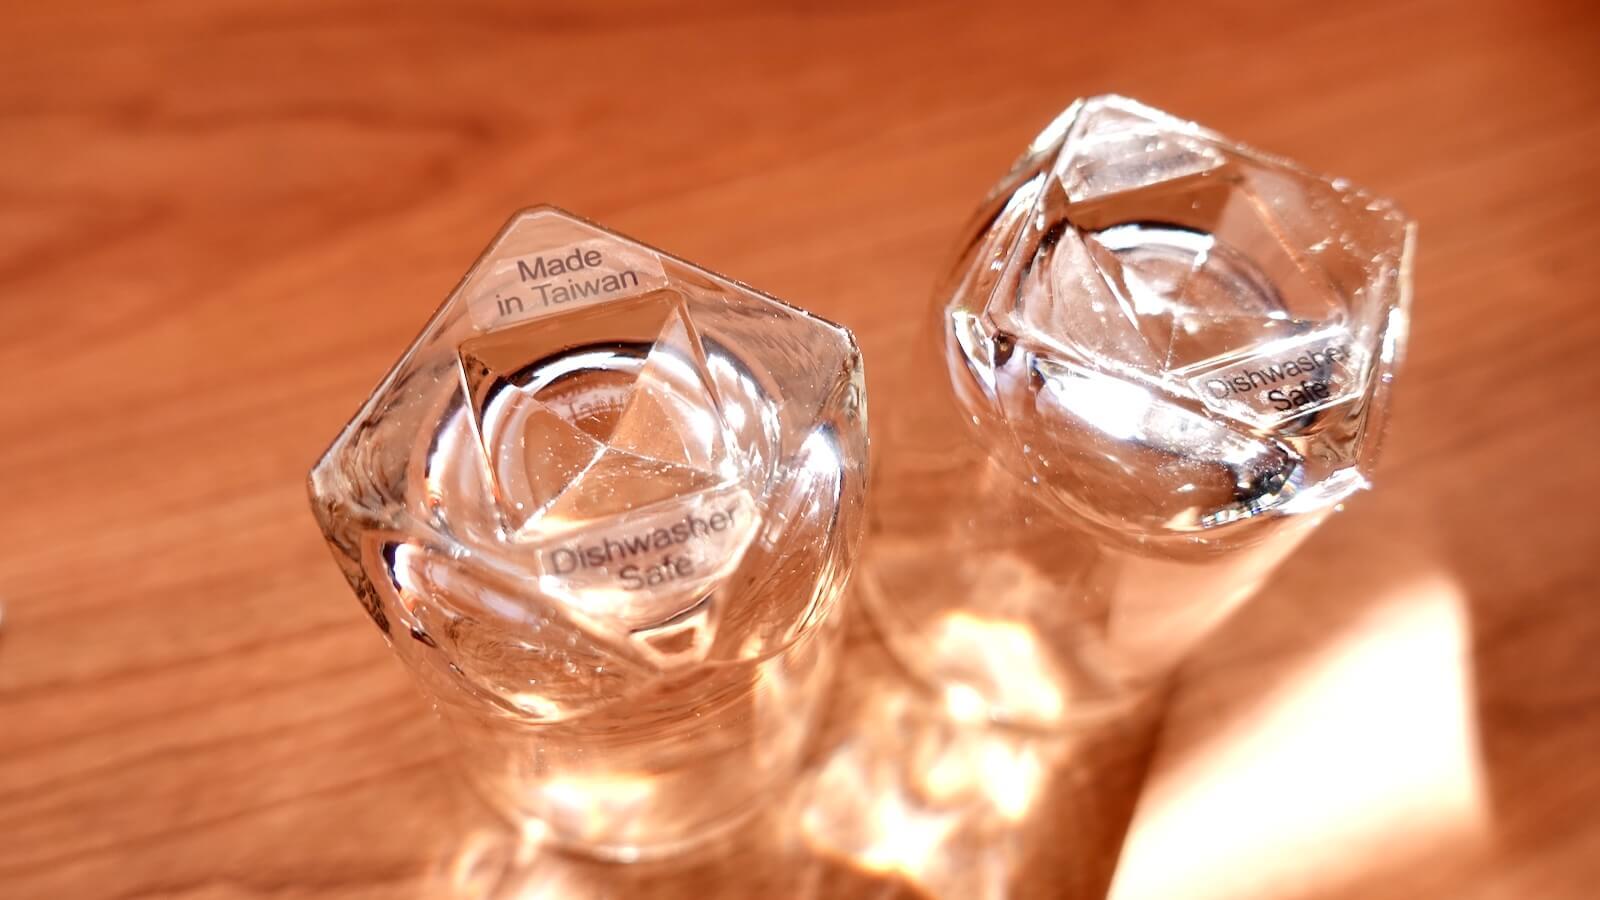 Starbucks Espresso Kit 2 upside down 1oz shot glasses